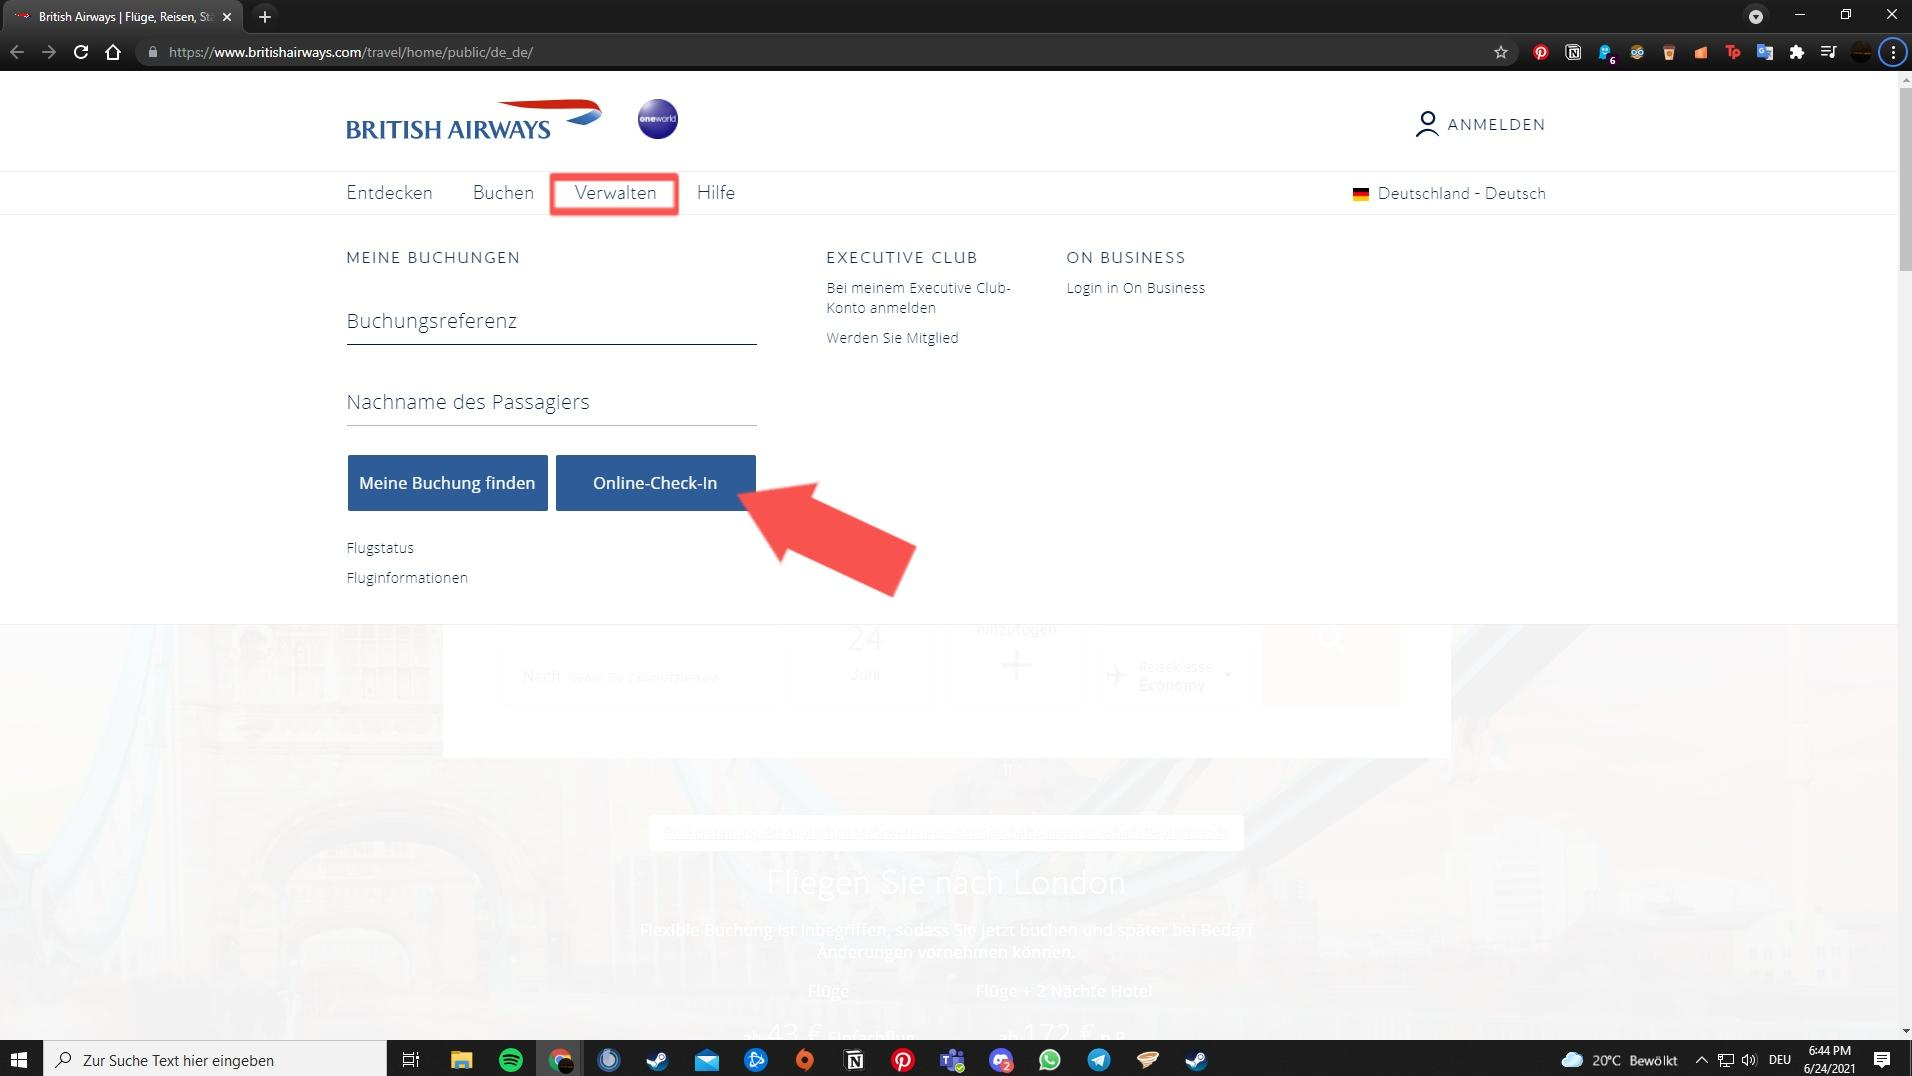 Online Check-In der British Airways